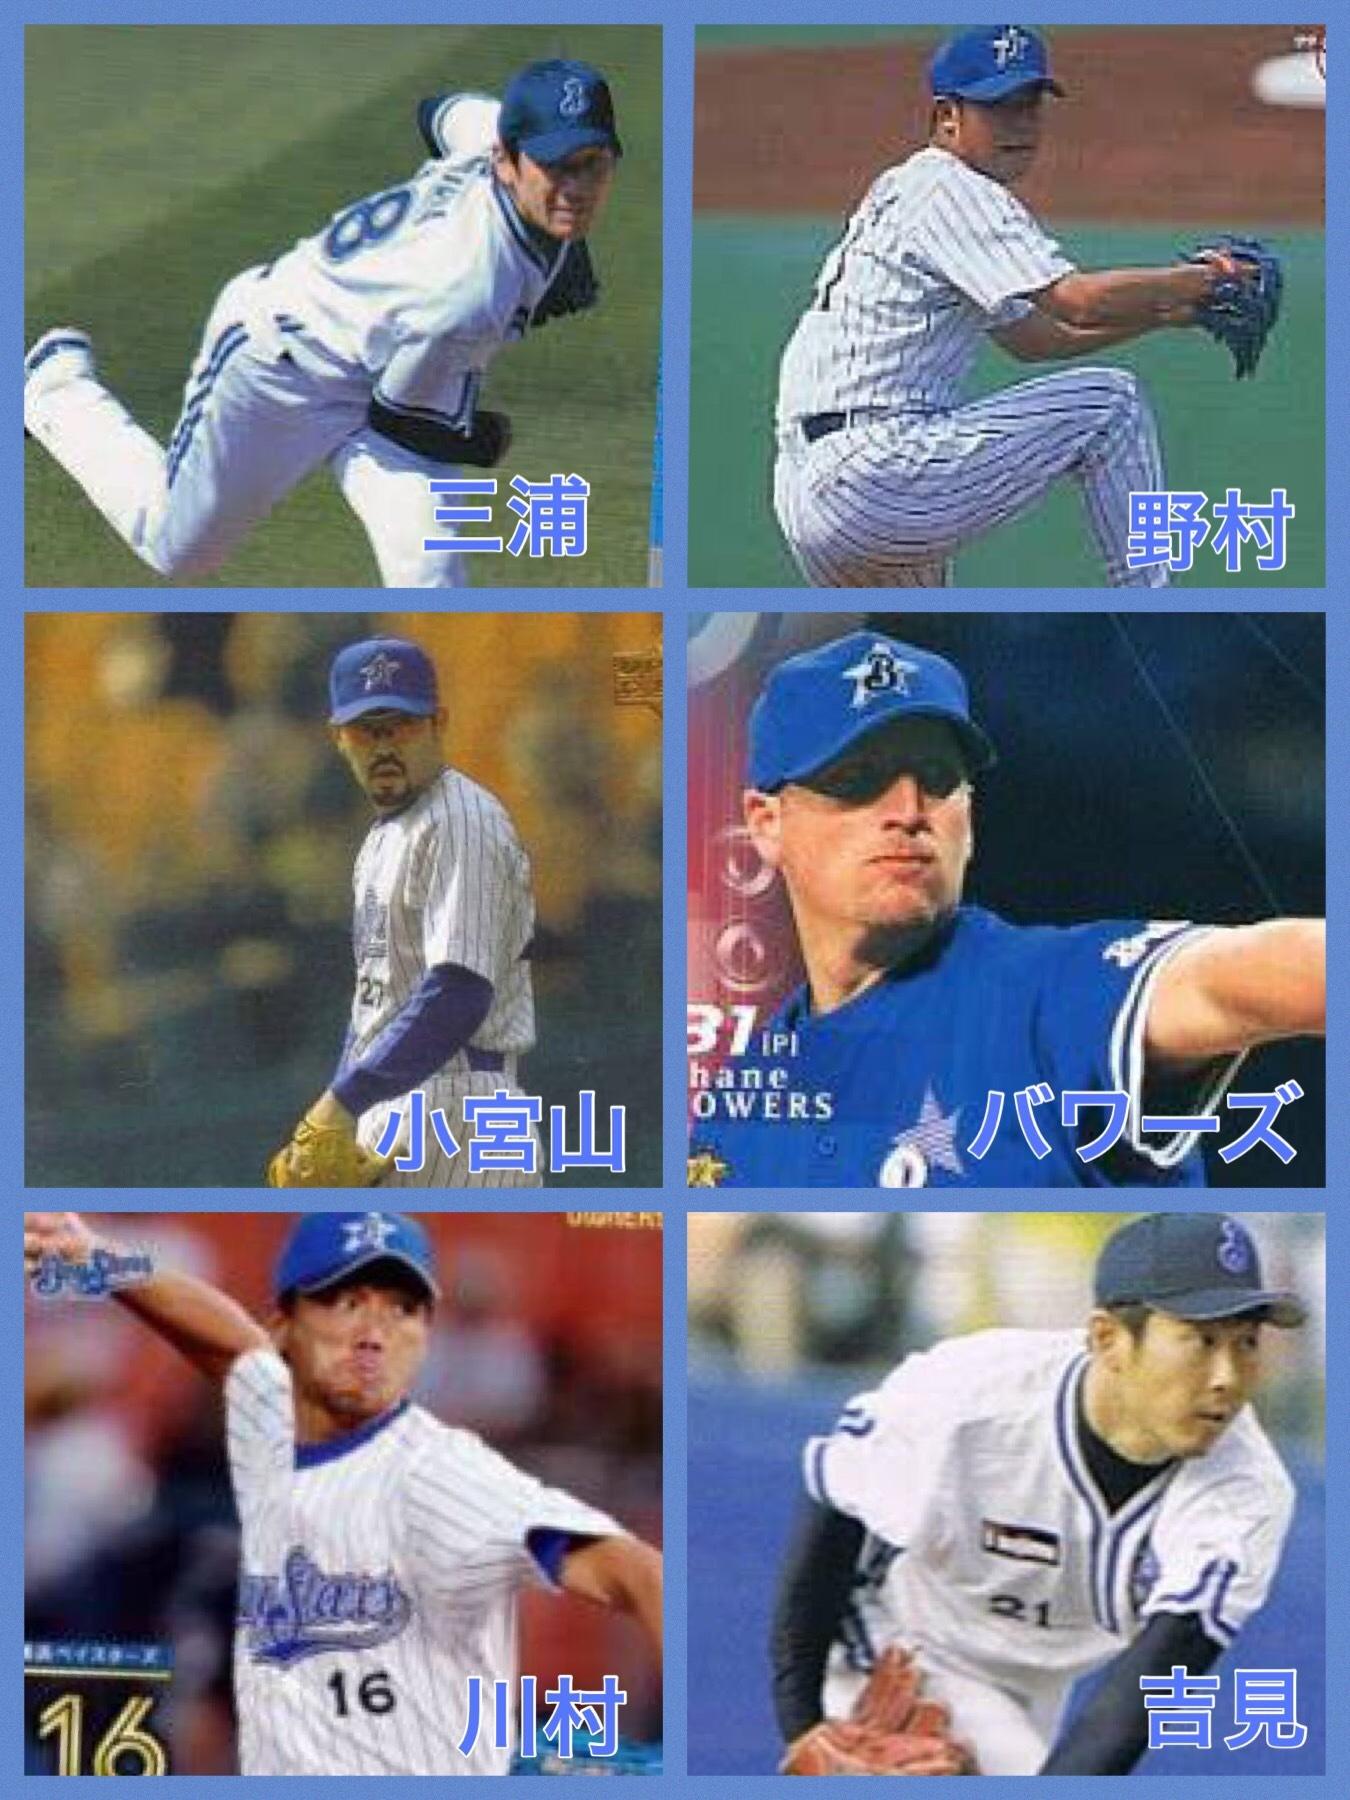 横浜ベイスターズ2001年 9連勝 先発ローテーション